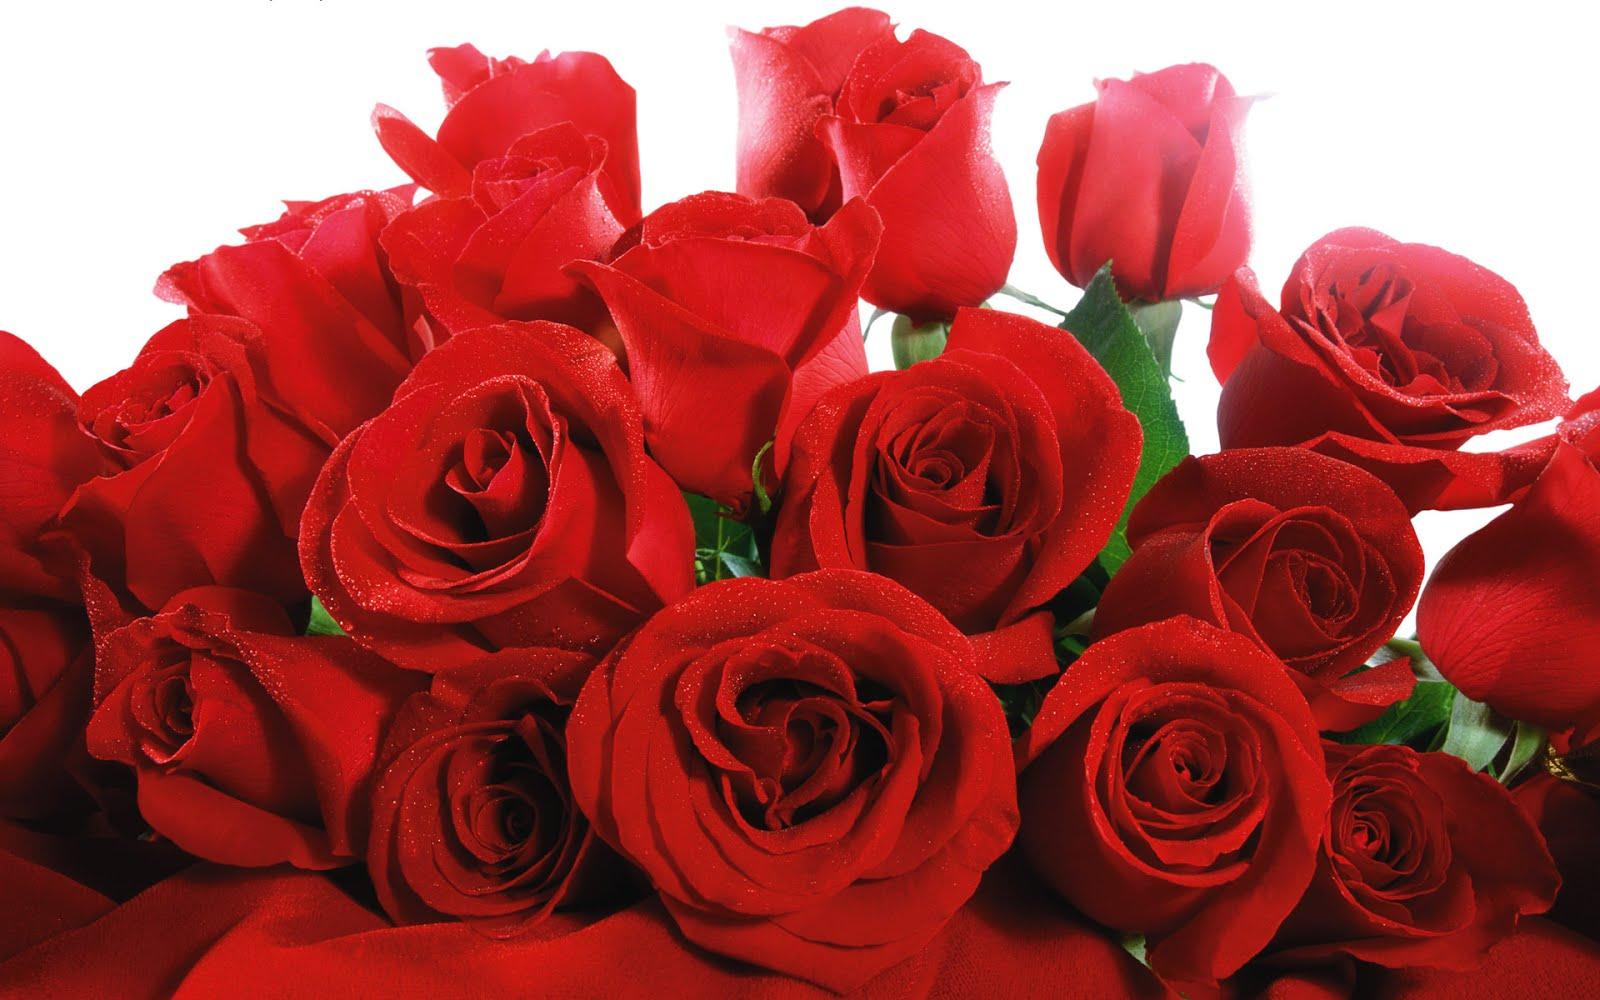 Rosas-rojas-para-el-dia-del-amor-con-mensaje-especial-para-enamorados